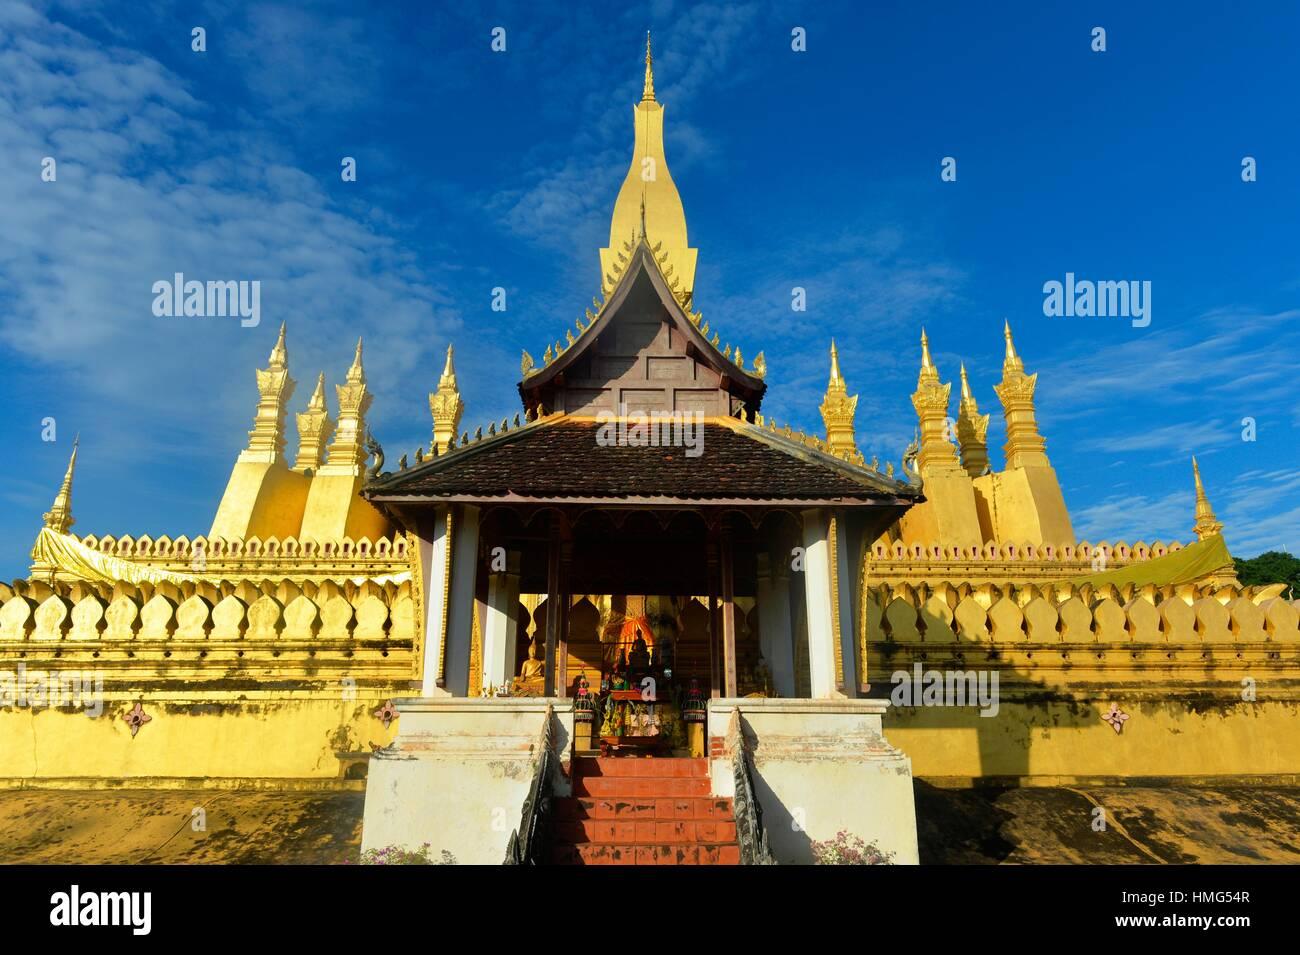 Temple de Pha That Luang à Vientiane, Laos, Asie du Sud Est. Photo Stock